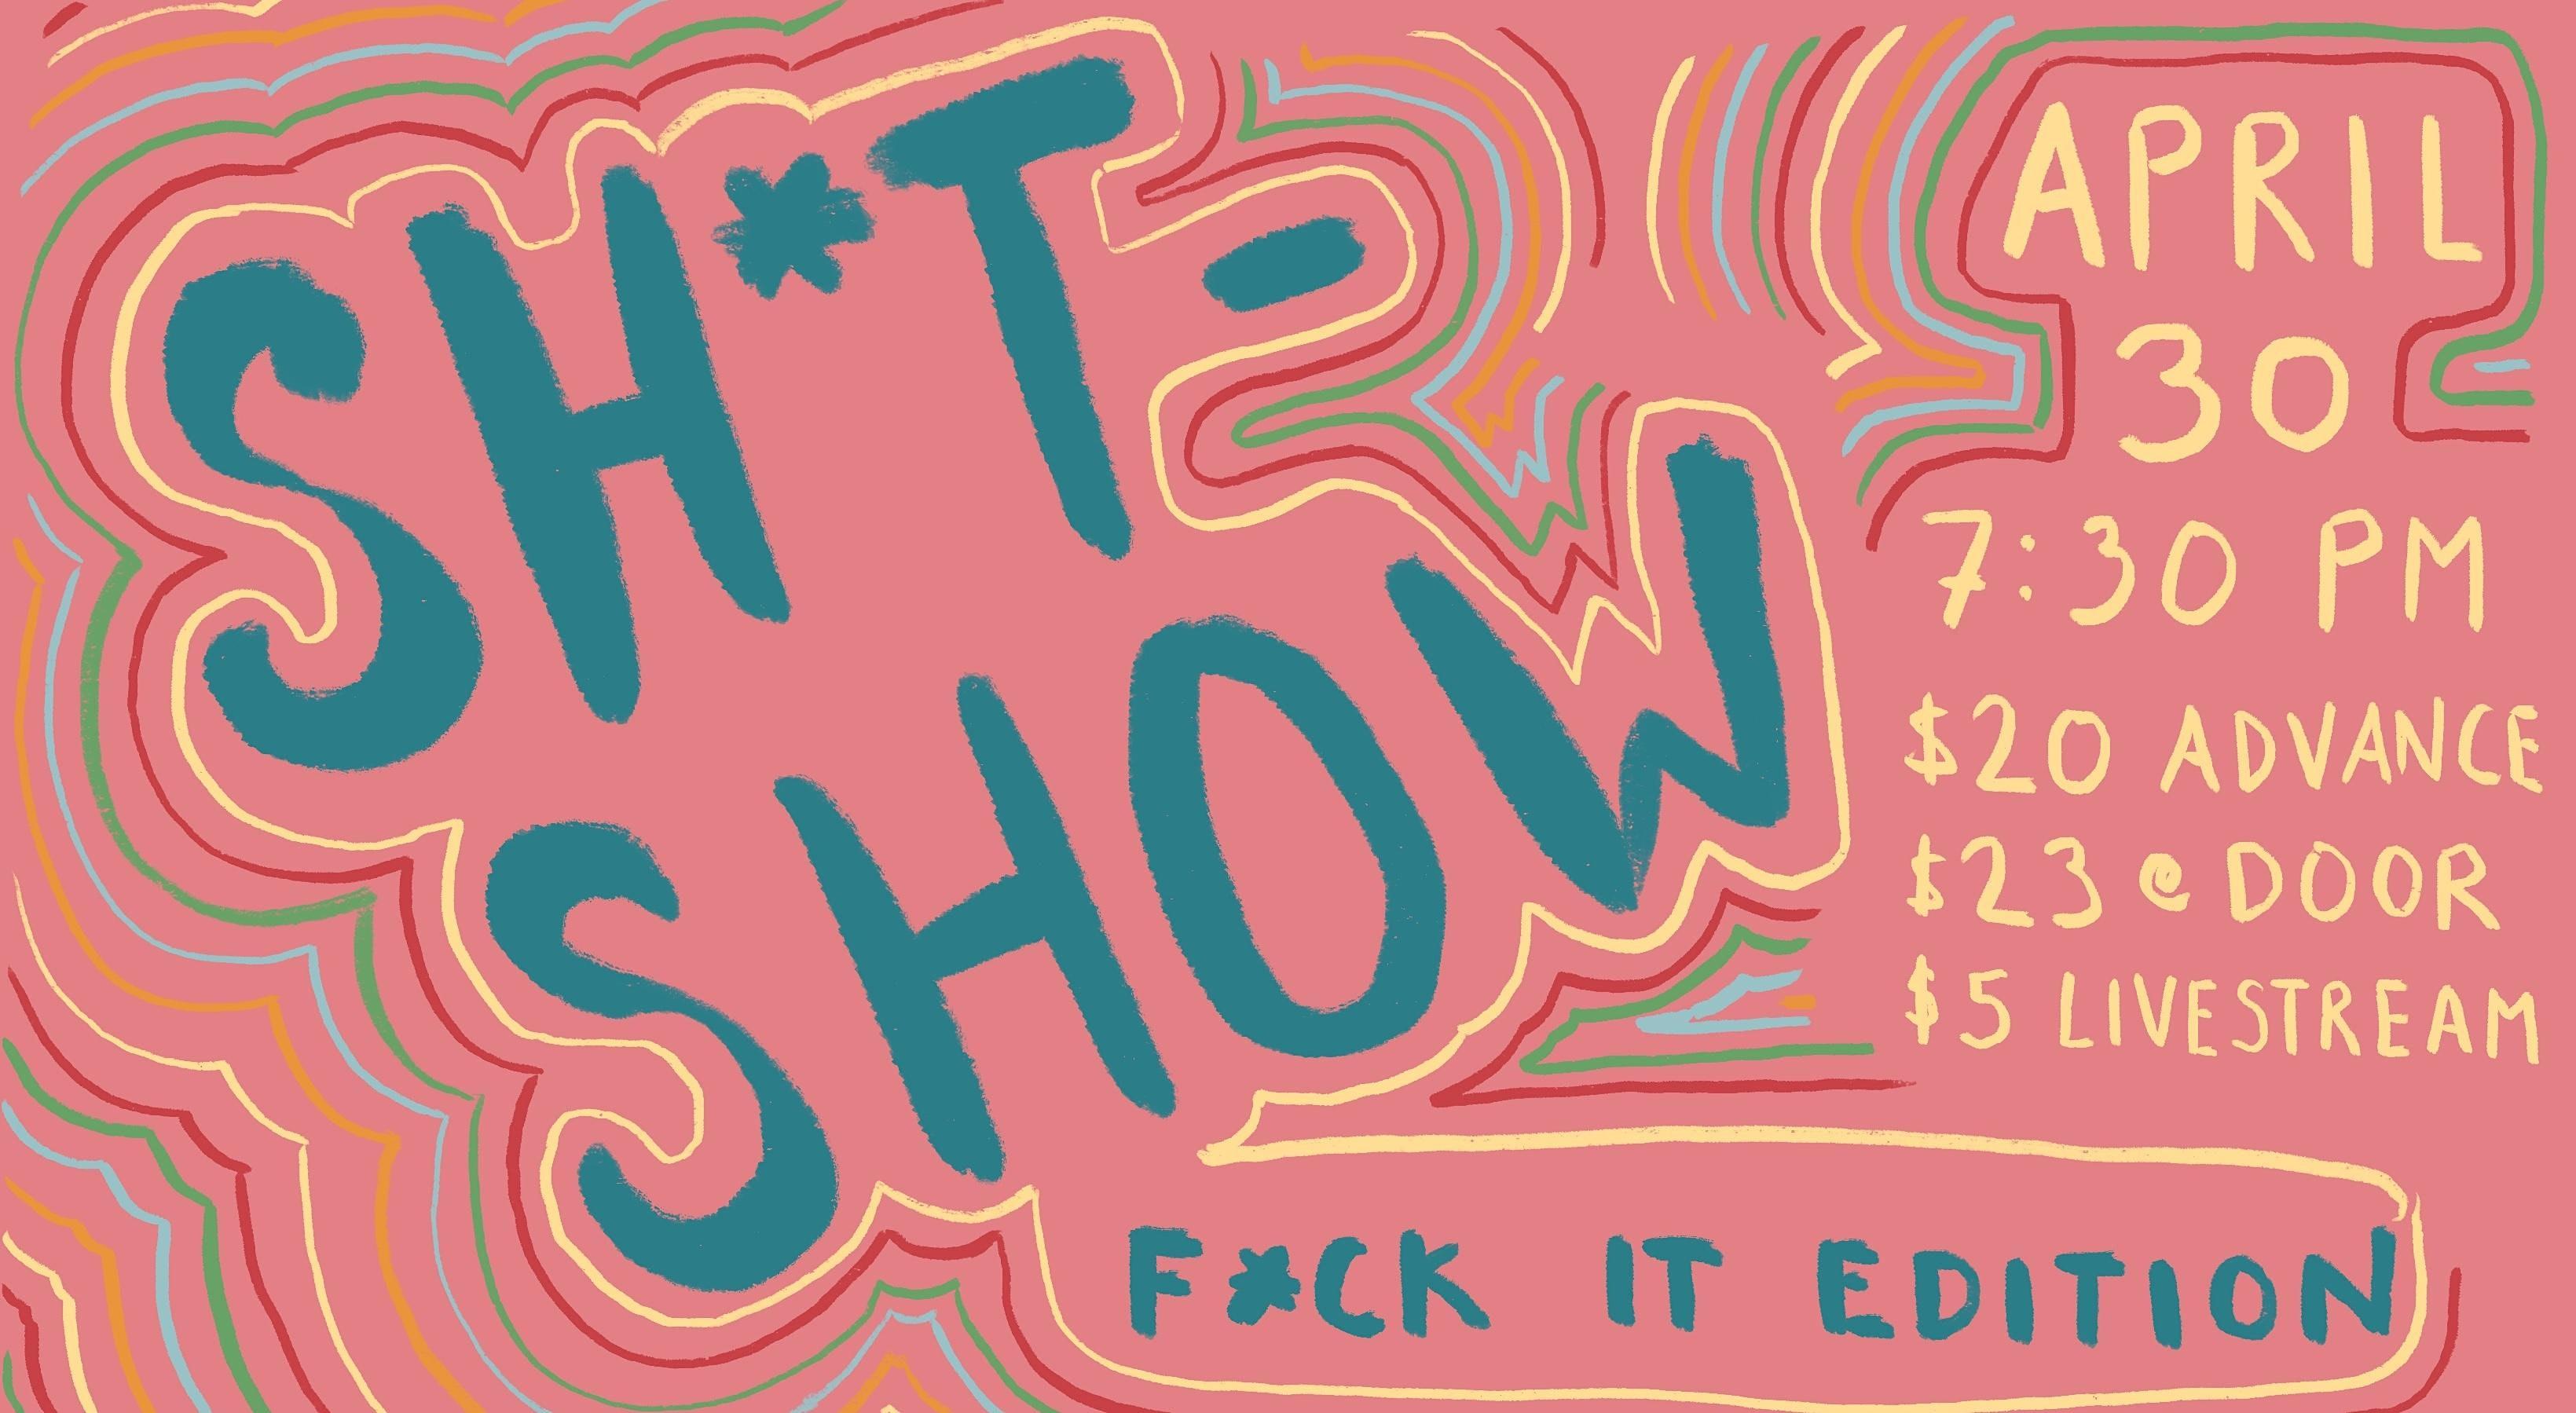 Sh*tShow: F*ck It Edition